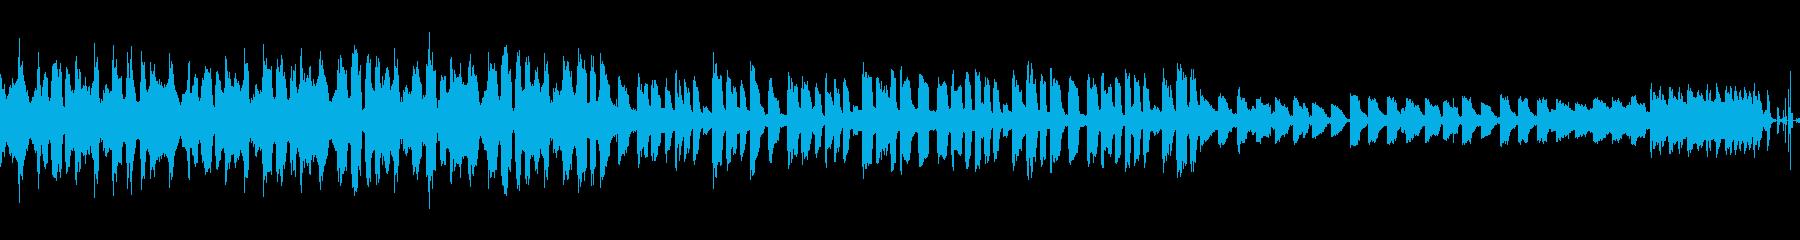 【ループ可】ノリの良いEDMのBGMの再生済みの波形